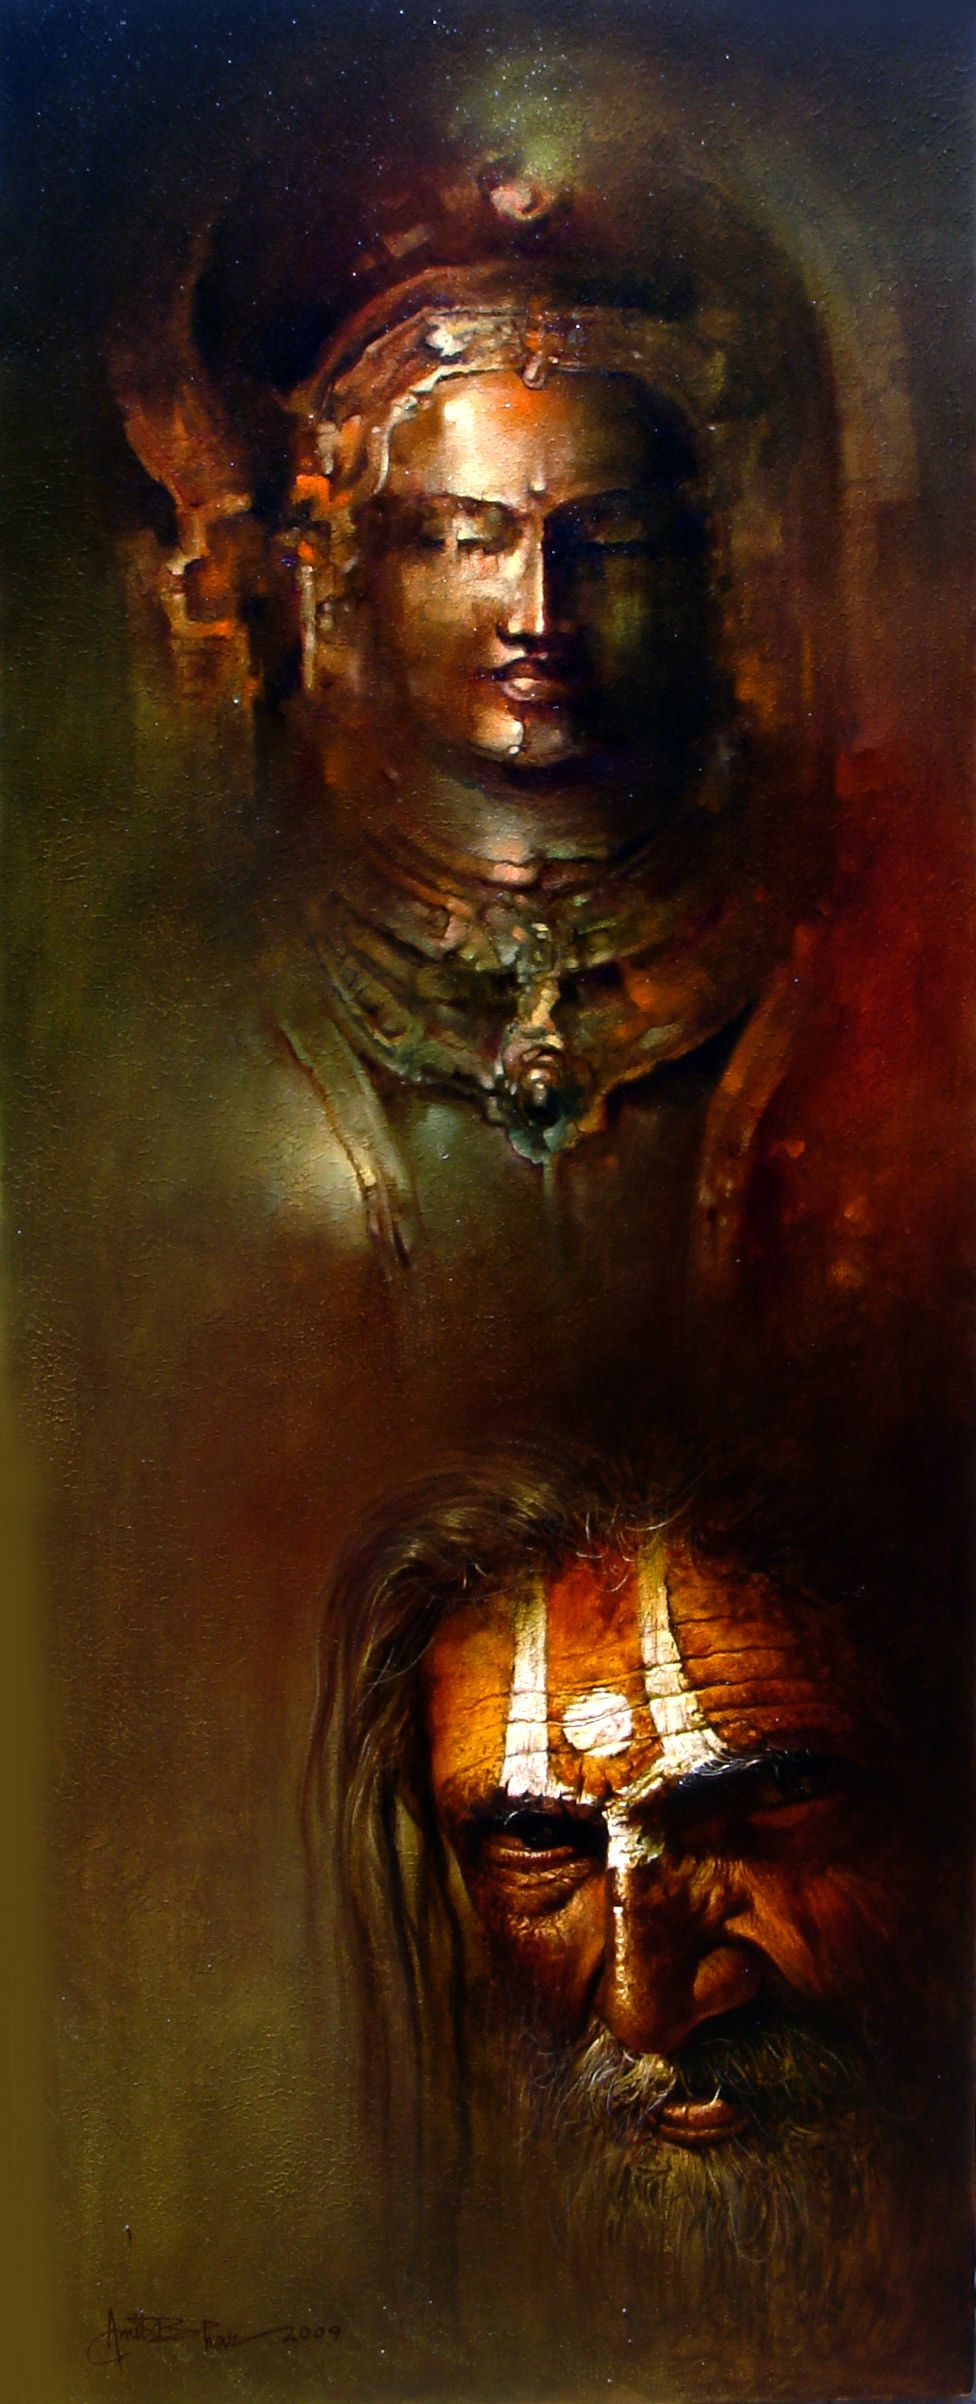 Om Namah Shivaye Painting inspiration abstract, Abstract